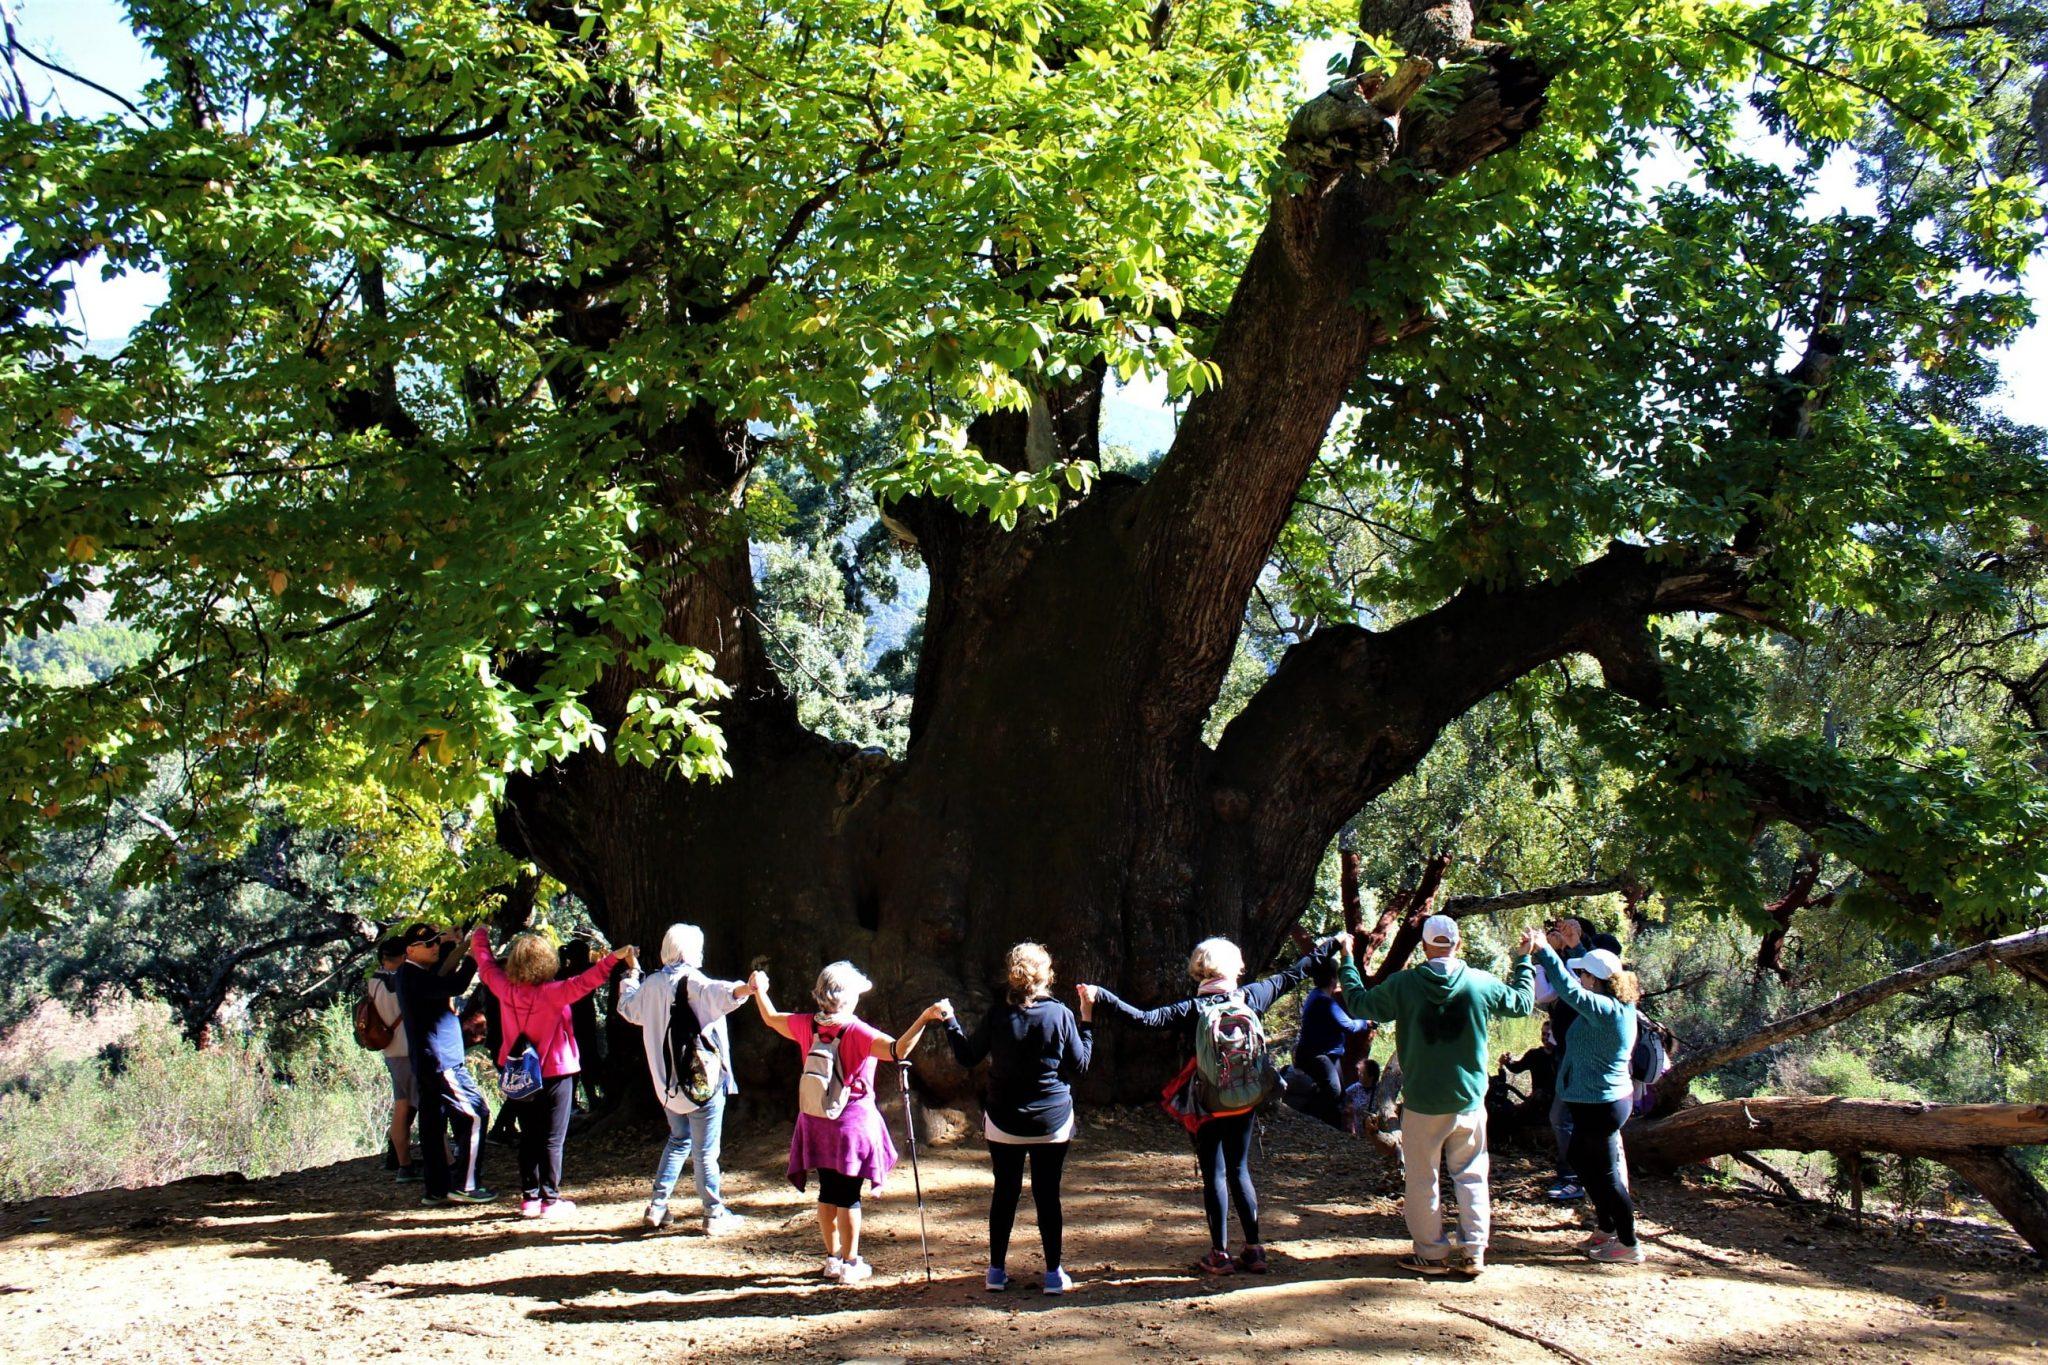 abrazo colectivo para celebrar el nombramiento del Castaño Santo de Istán como monumento natural de Andalucía